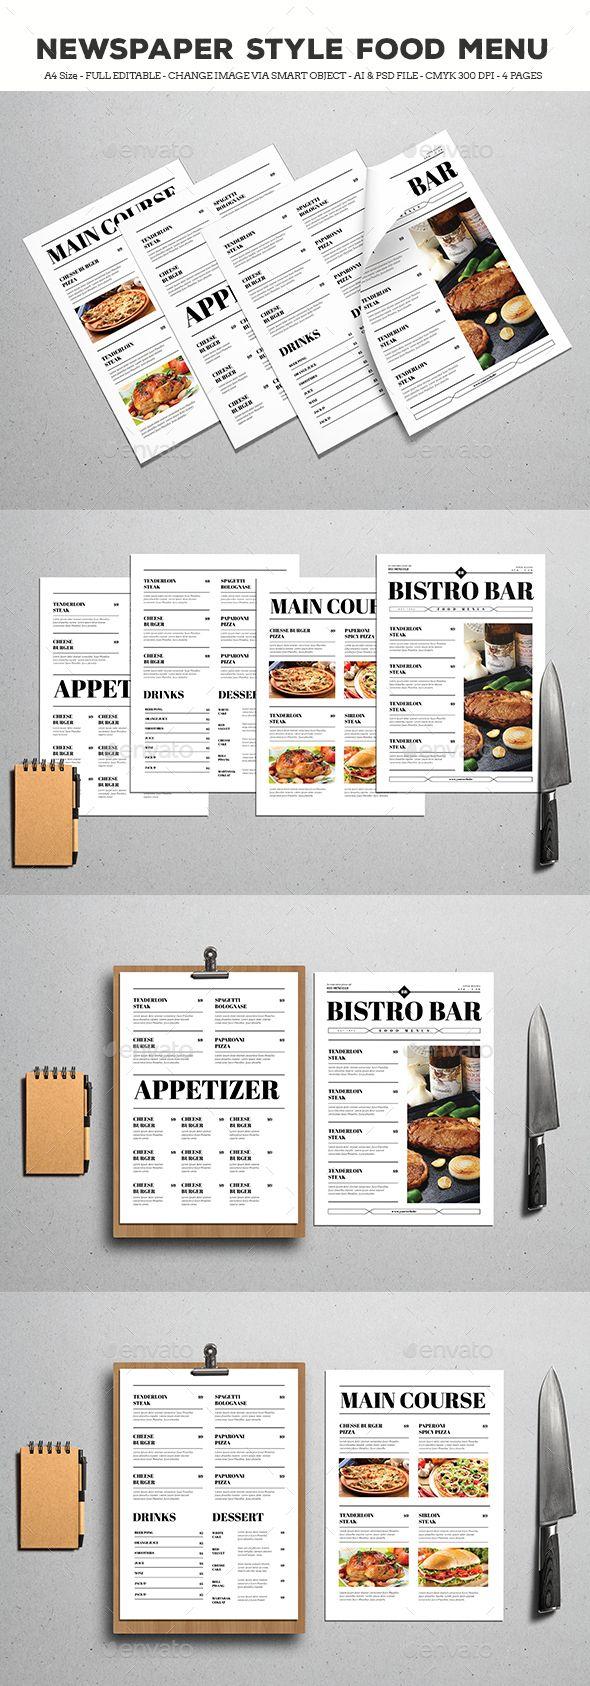 Newspaper Style Food Menus | Restaurante, Diseño de menu y Hecho en casa